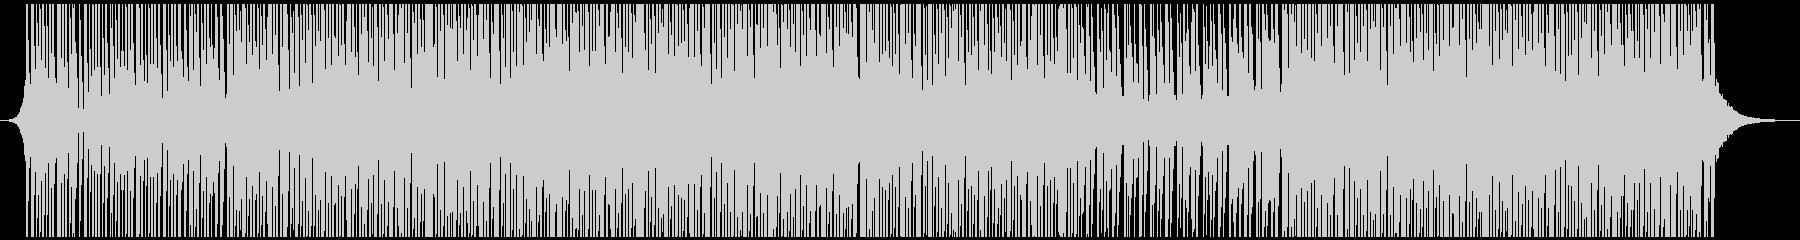 高揚ハウスミュージックの未再生の波形